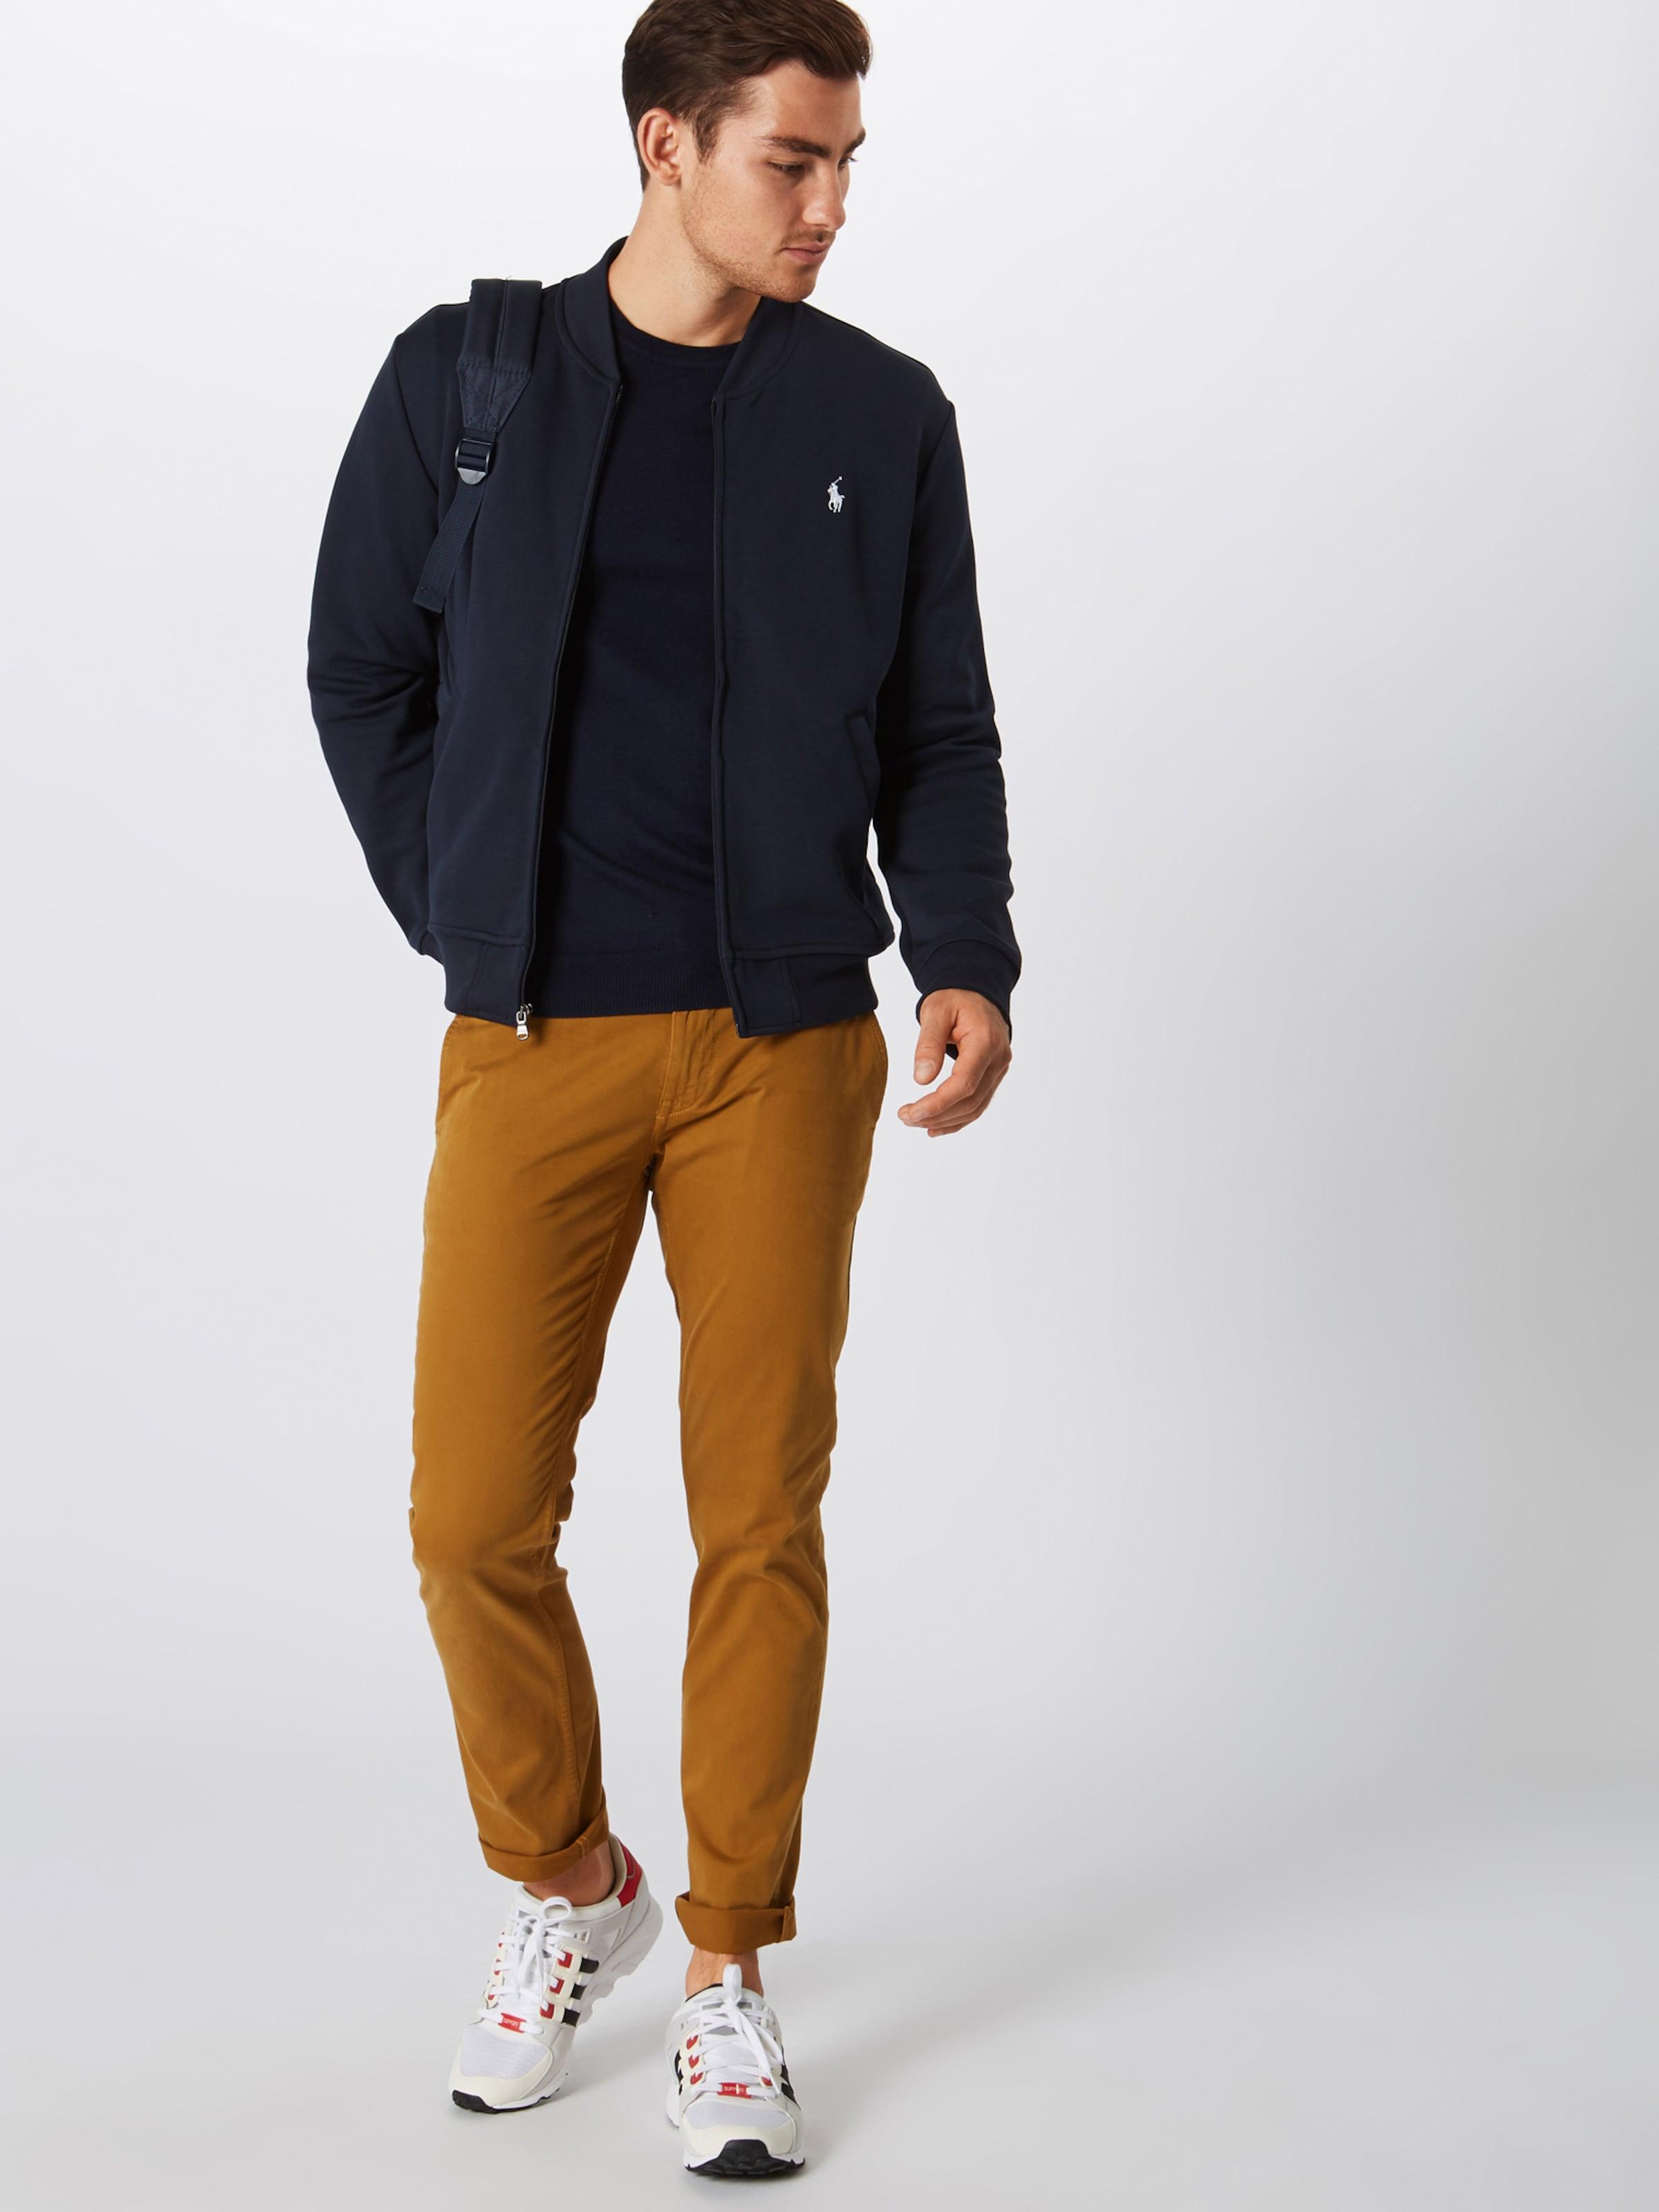 'lsbomberm3 Polo Sleeve Navy Sweatjacke knit' Lauren In Ralph long nvwm8ON0